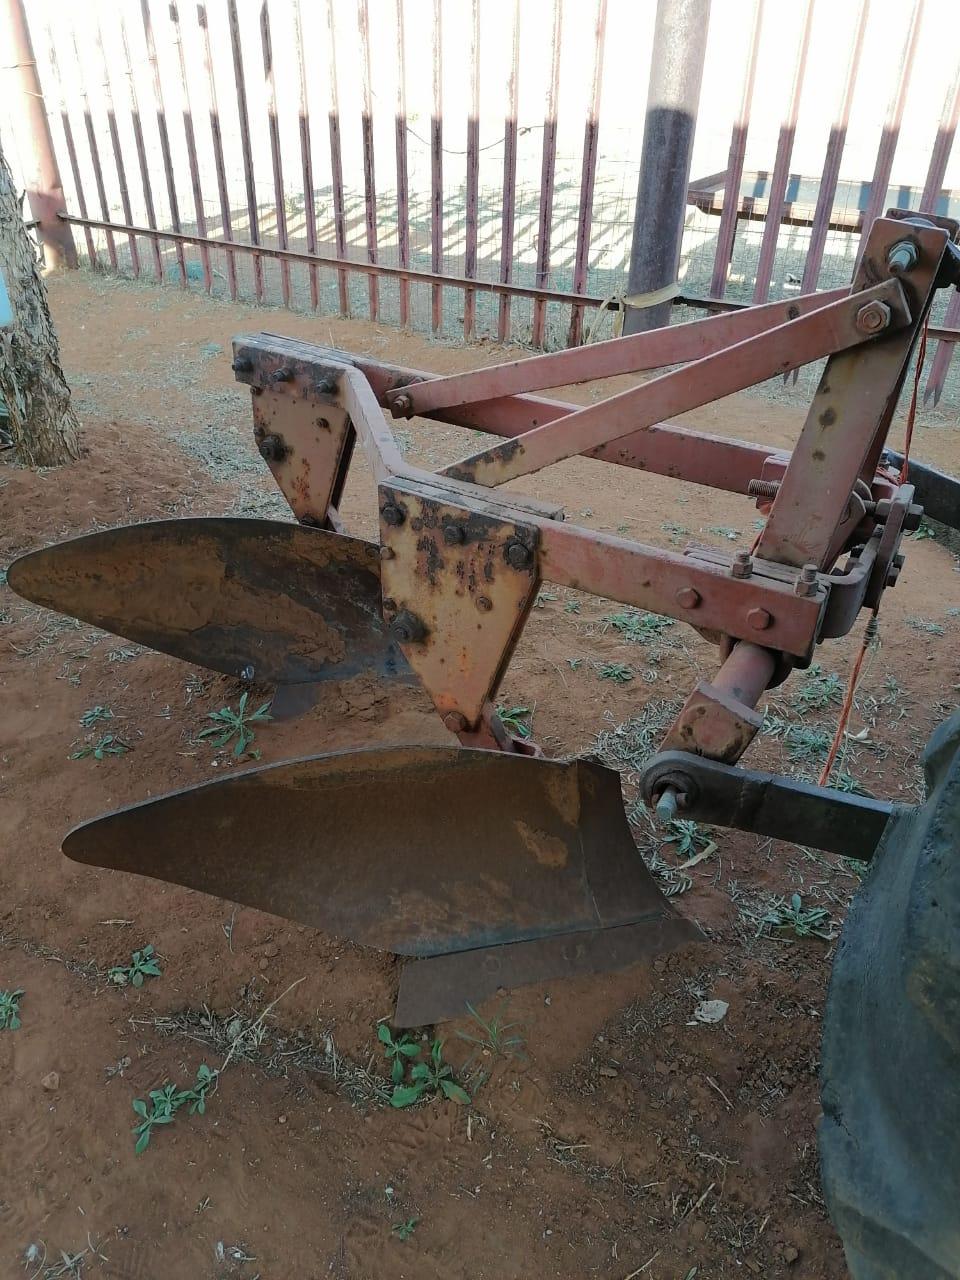 2 Disk plough